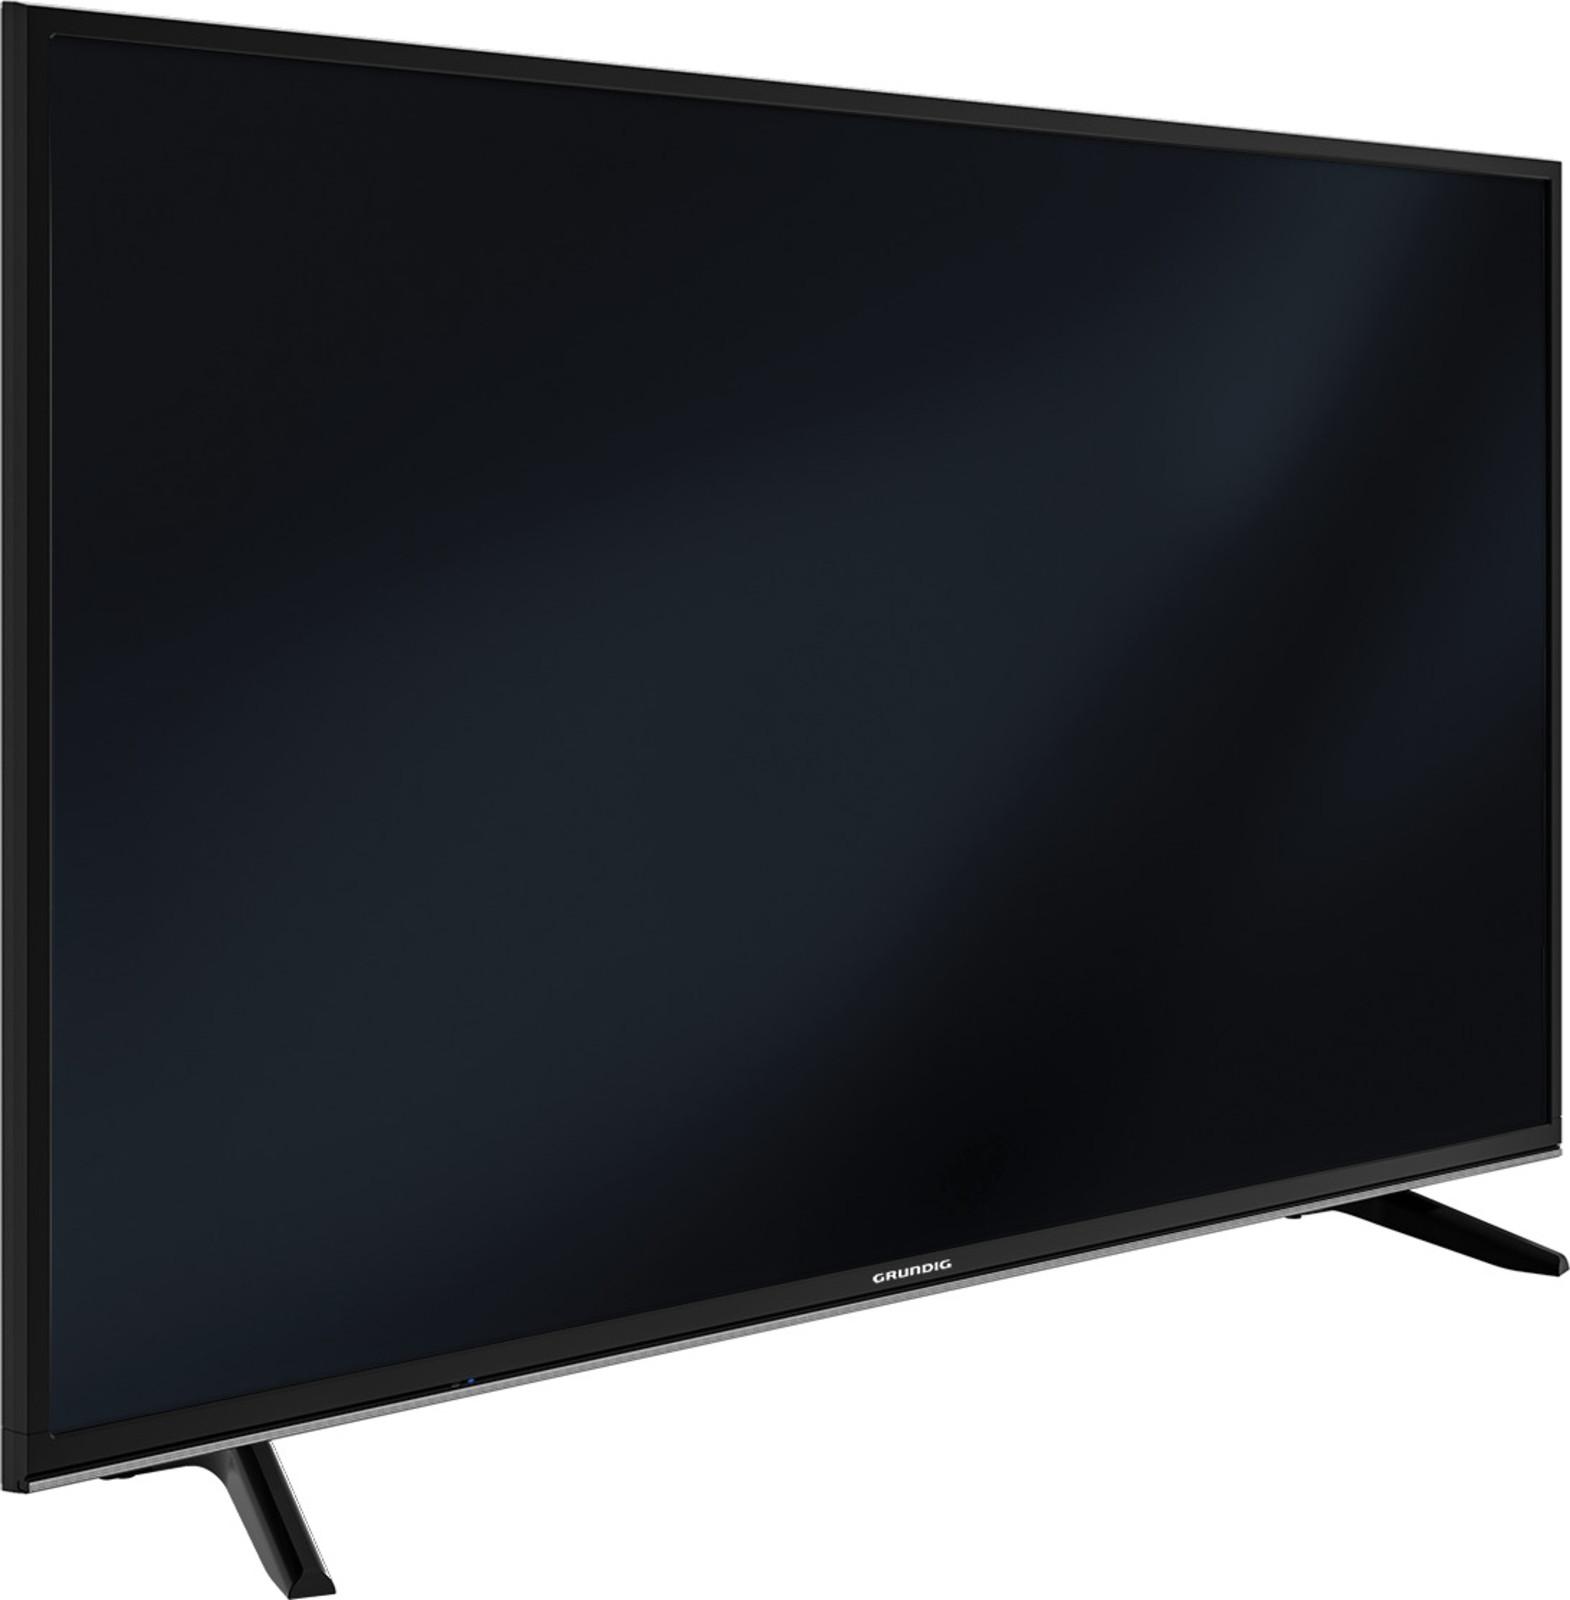 GRUNDIG 65 GUB 7060 UHD TV (Flat, 65 Zoll/164 cm, UHD 4K ...